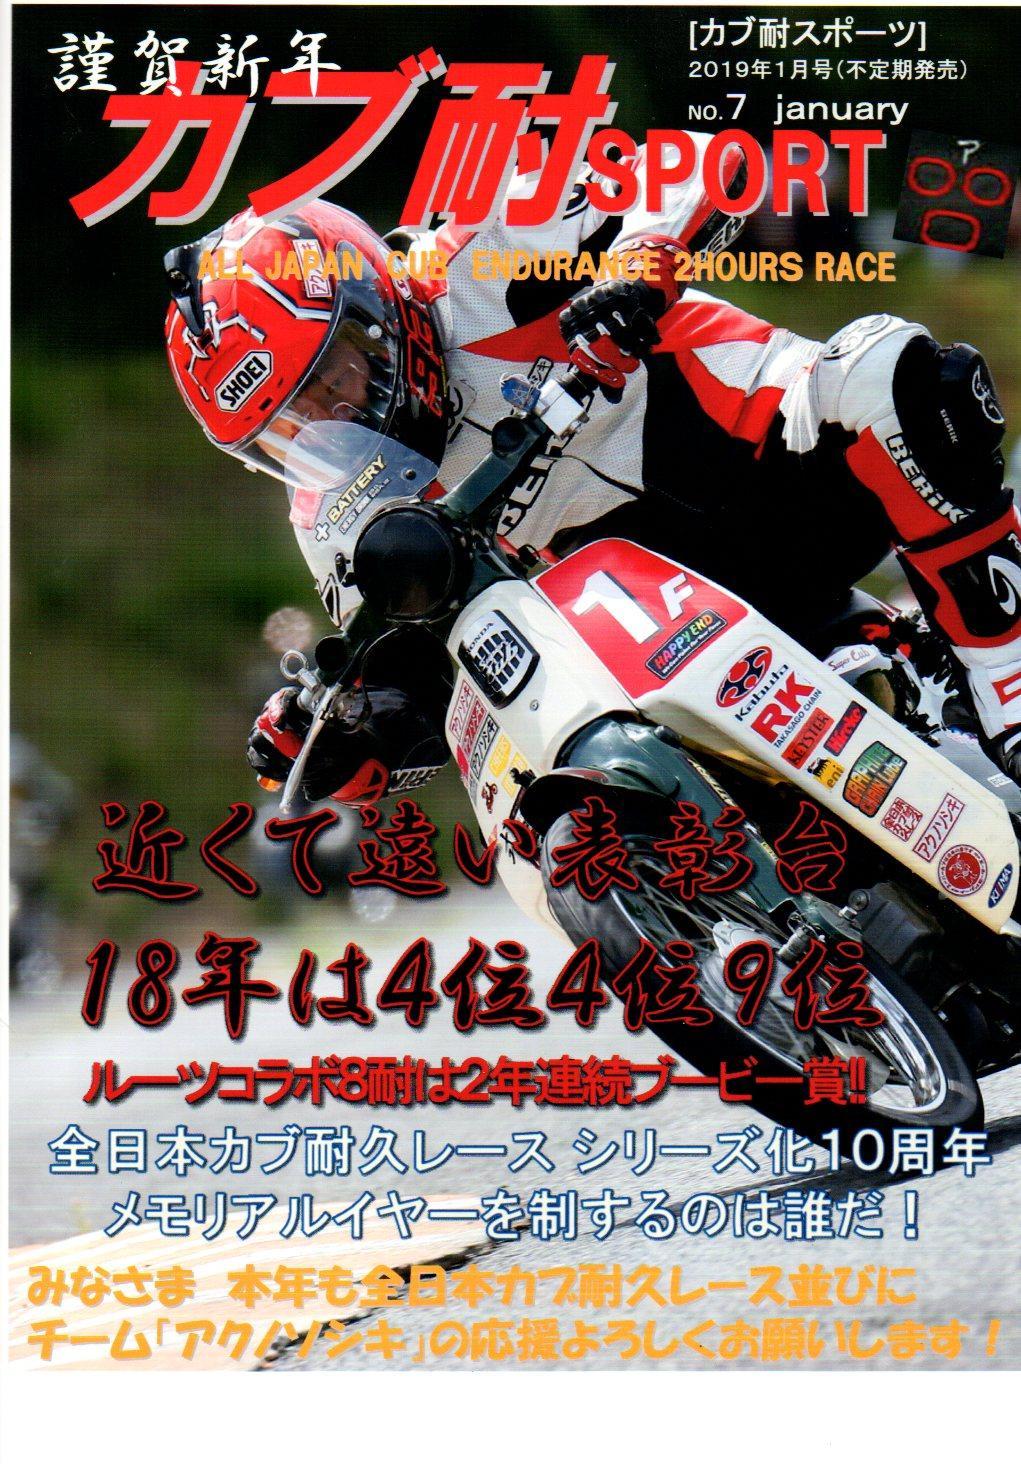 全日本カブ耐久2019夏祭り